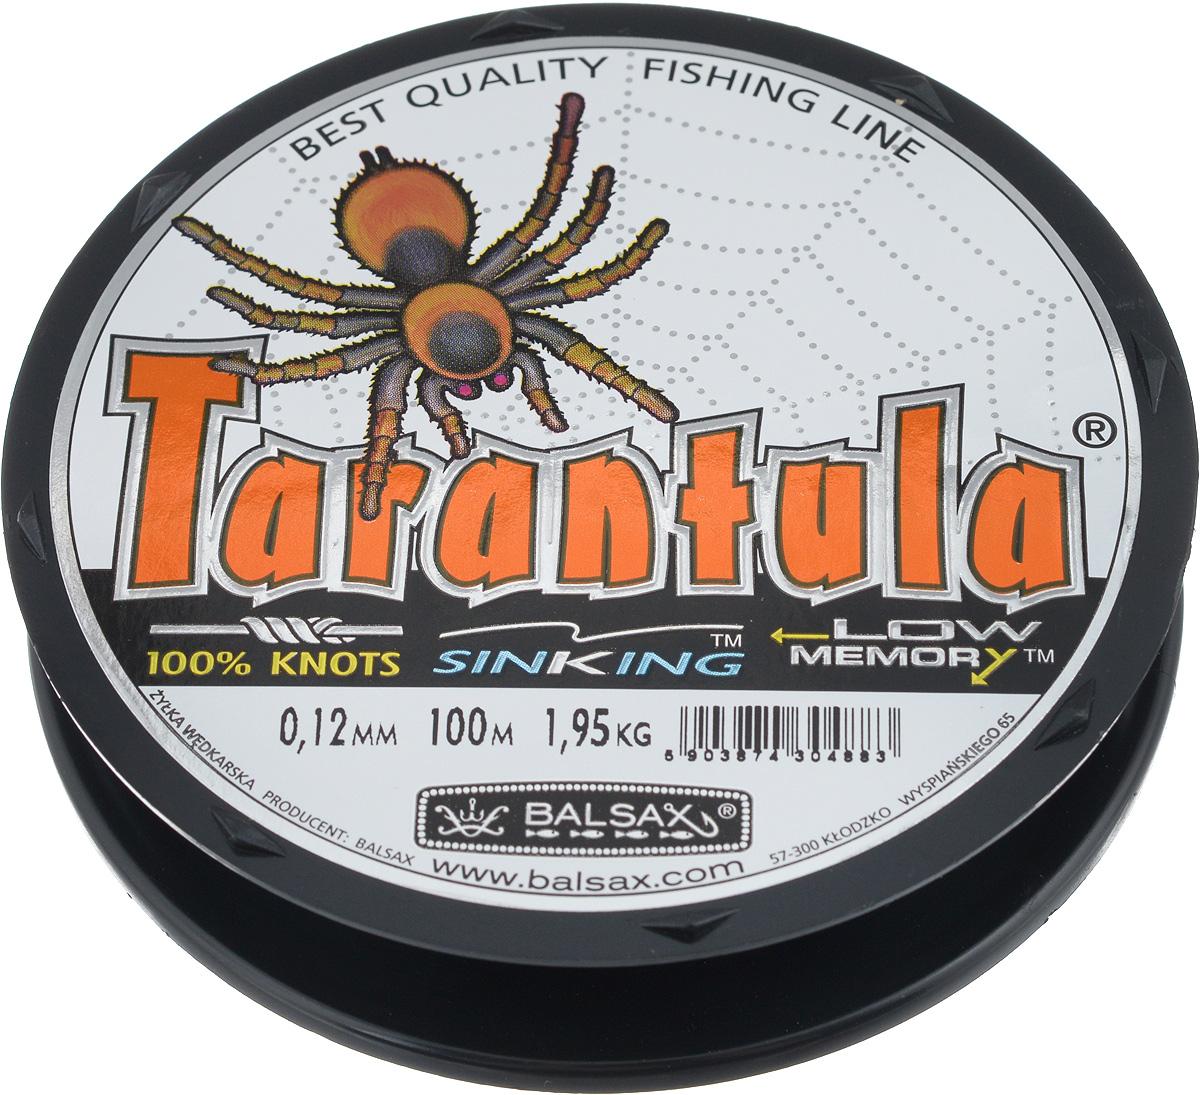 Леска Balsax Tarantula, 100 м, 0,12 мм, 1,95 кг59278Леска Balsax Tarantula выполнена из нейлоновой рибозы с покрытием из тефлона. Новая молекулярная структура лески отличается повышенной сопротивляемостью к разрыву, но при этом она способна и растягиваться. Растяжимость в случае применения этой лески является отличным достоинством, особенно во время энергичной борьбы с рыбой, как амортизатор защищая оснастку от обрыва.